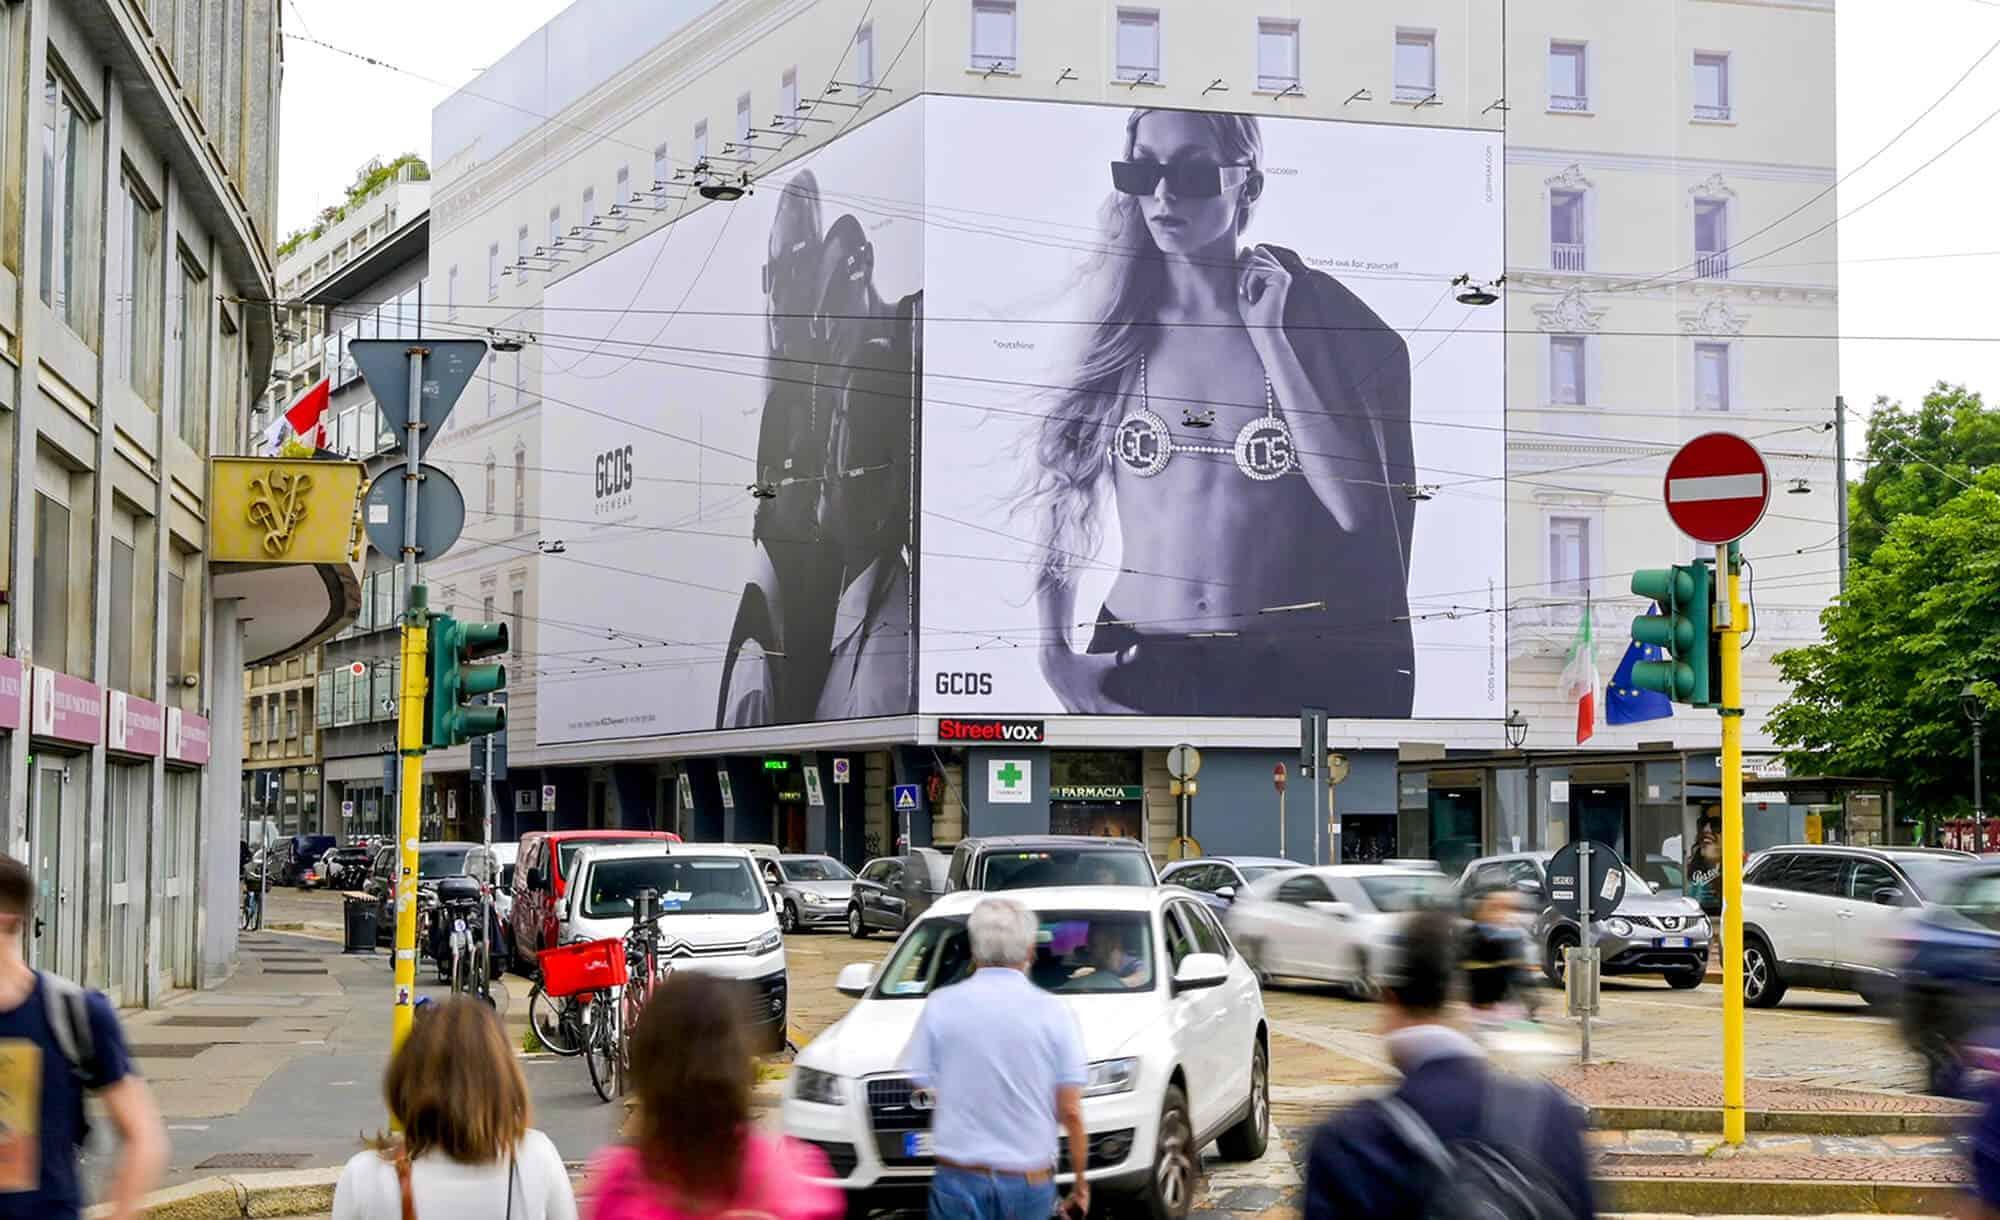 Maxi Affissione a Milano in Piazza Cavour 5 con GCDS (Fashion)